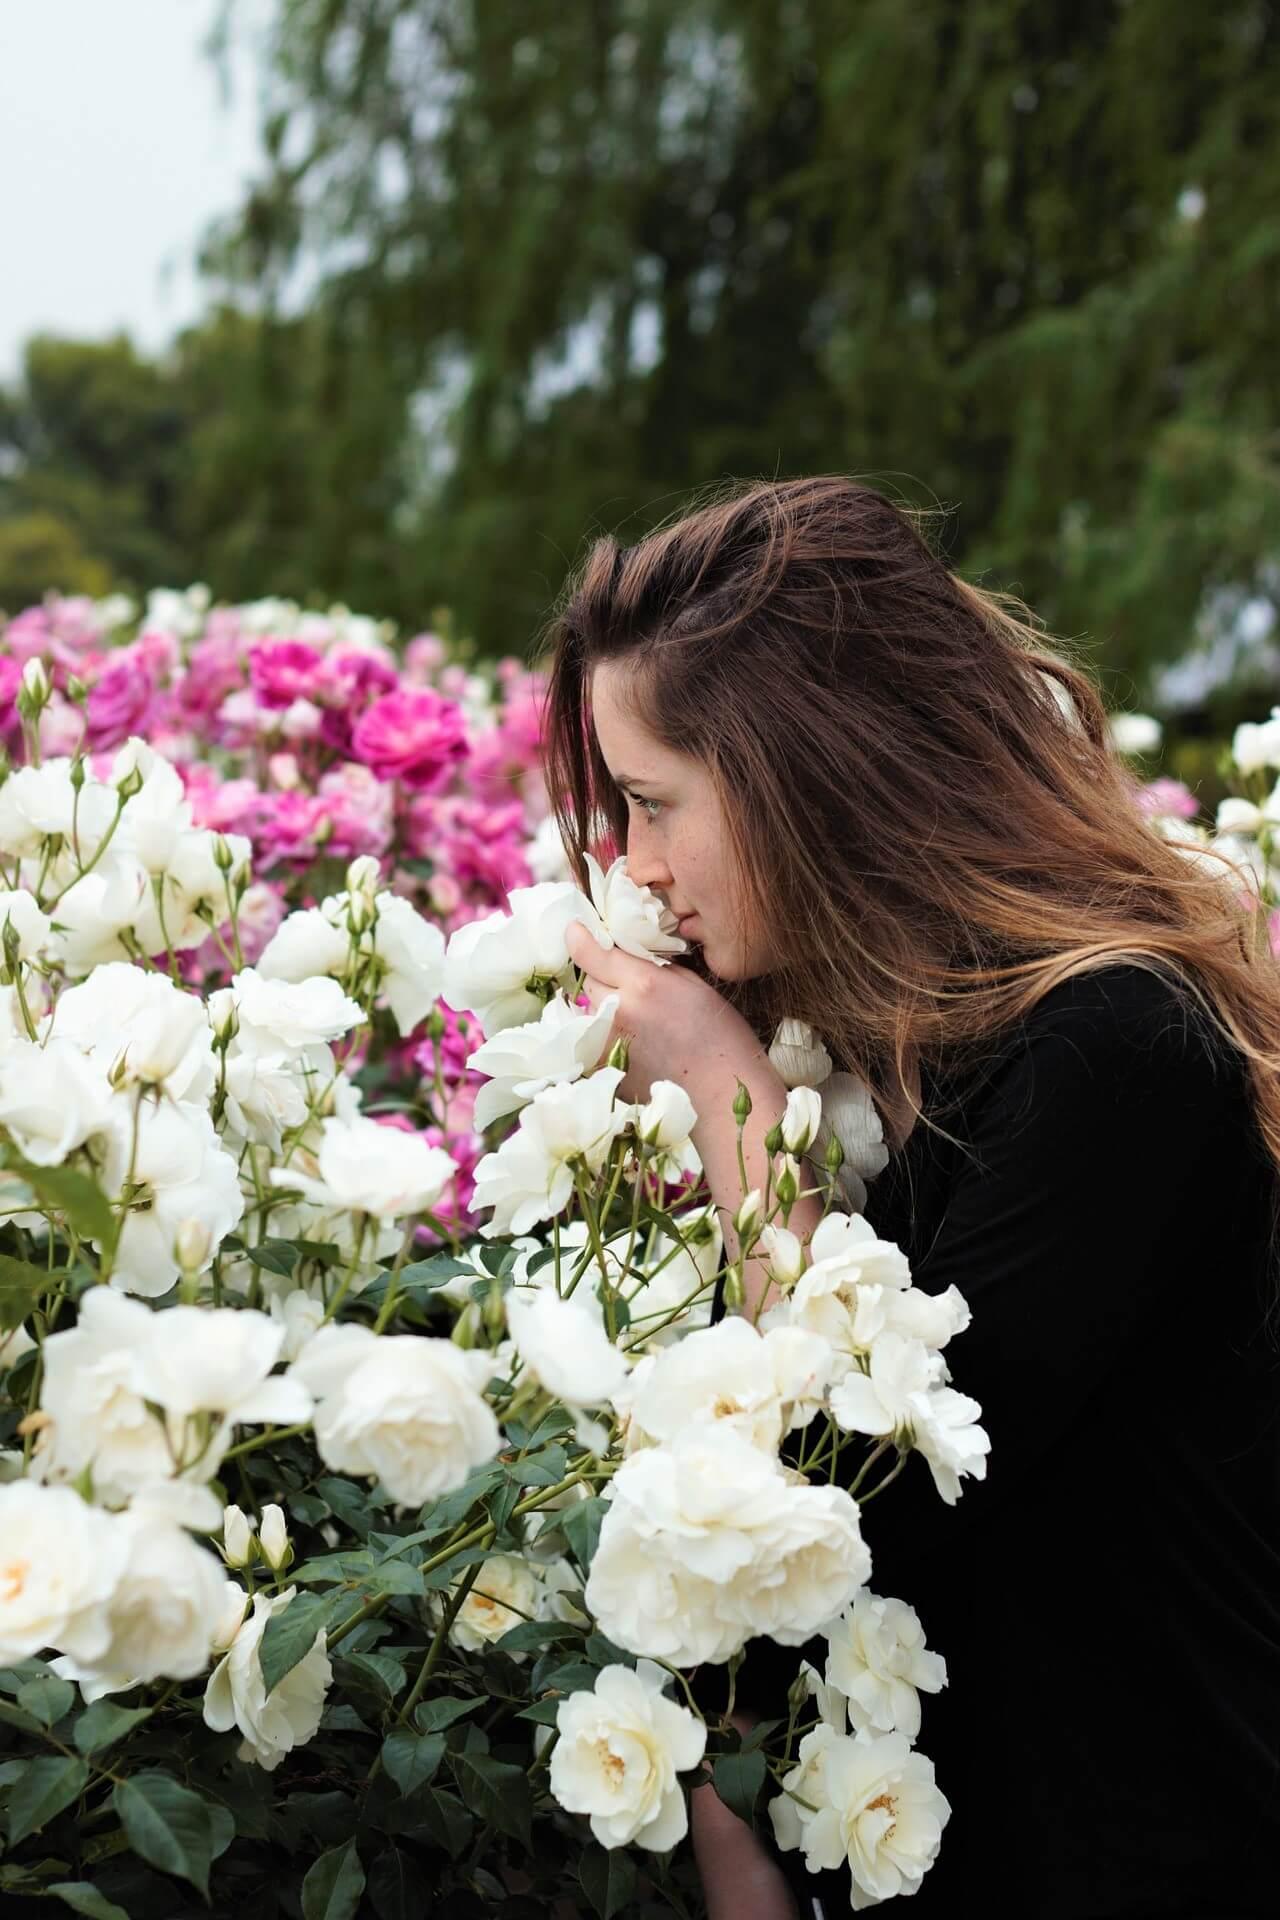 バラの香り ブロンドの女性